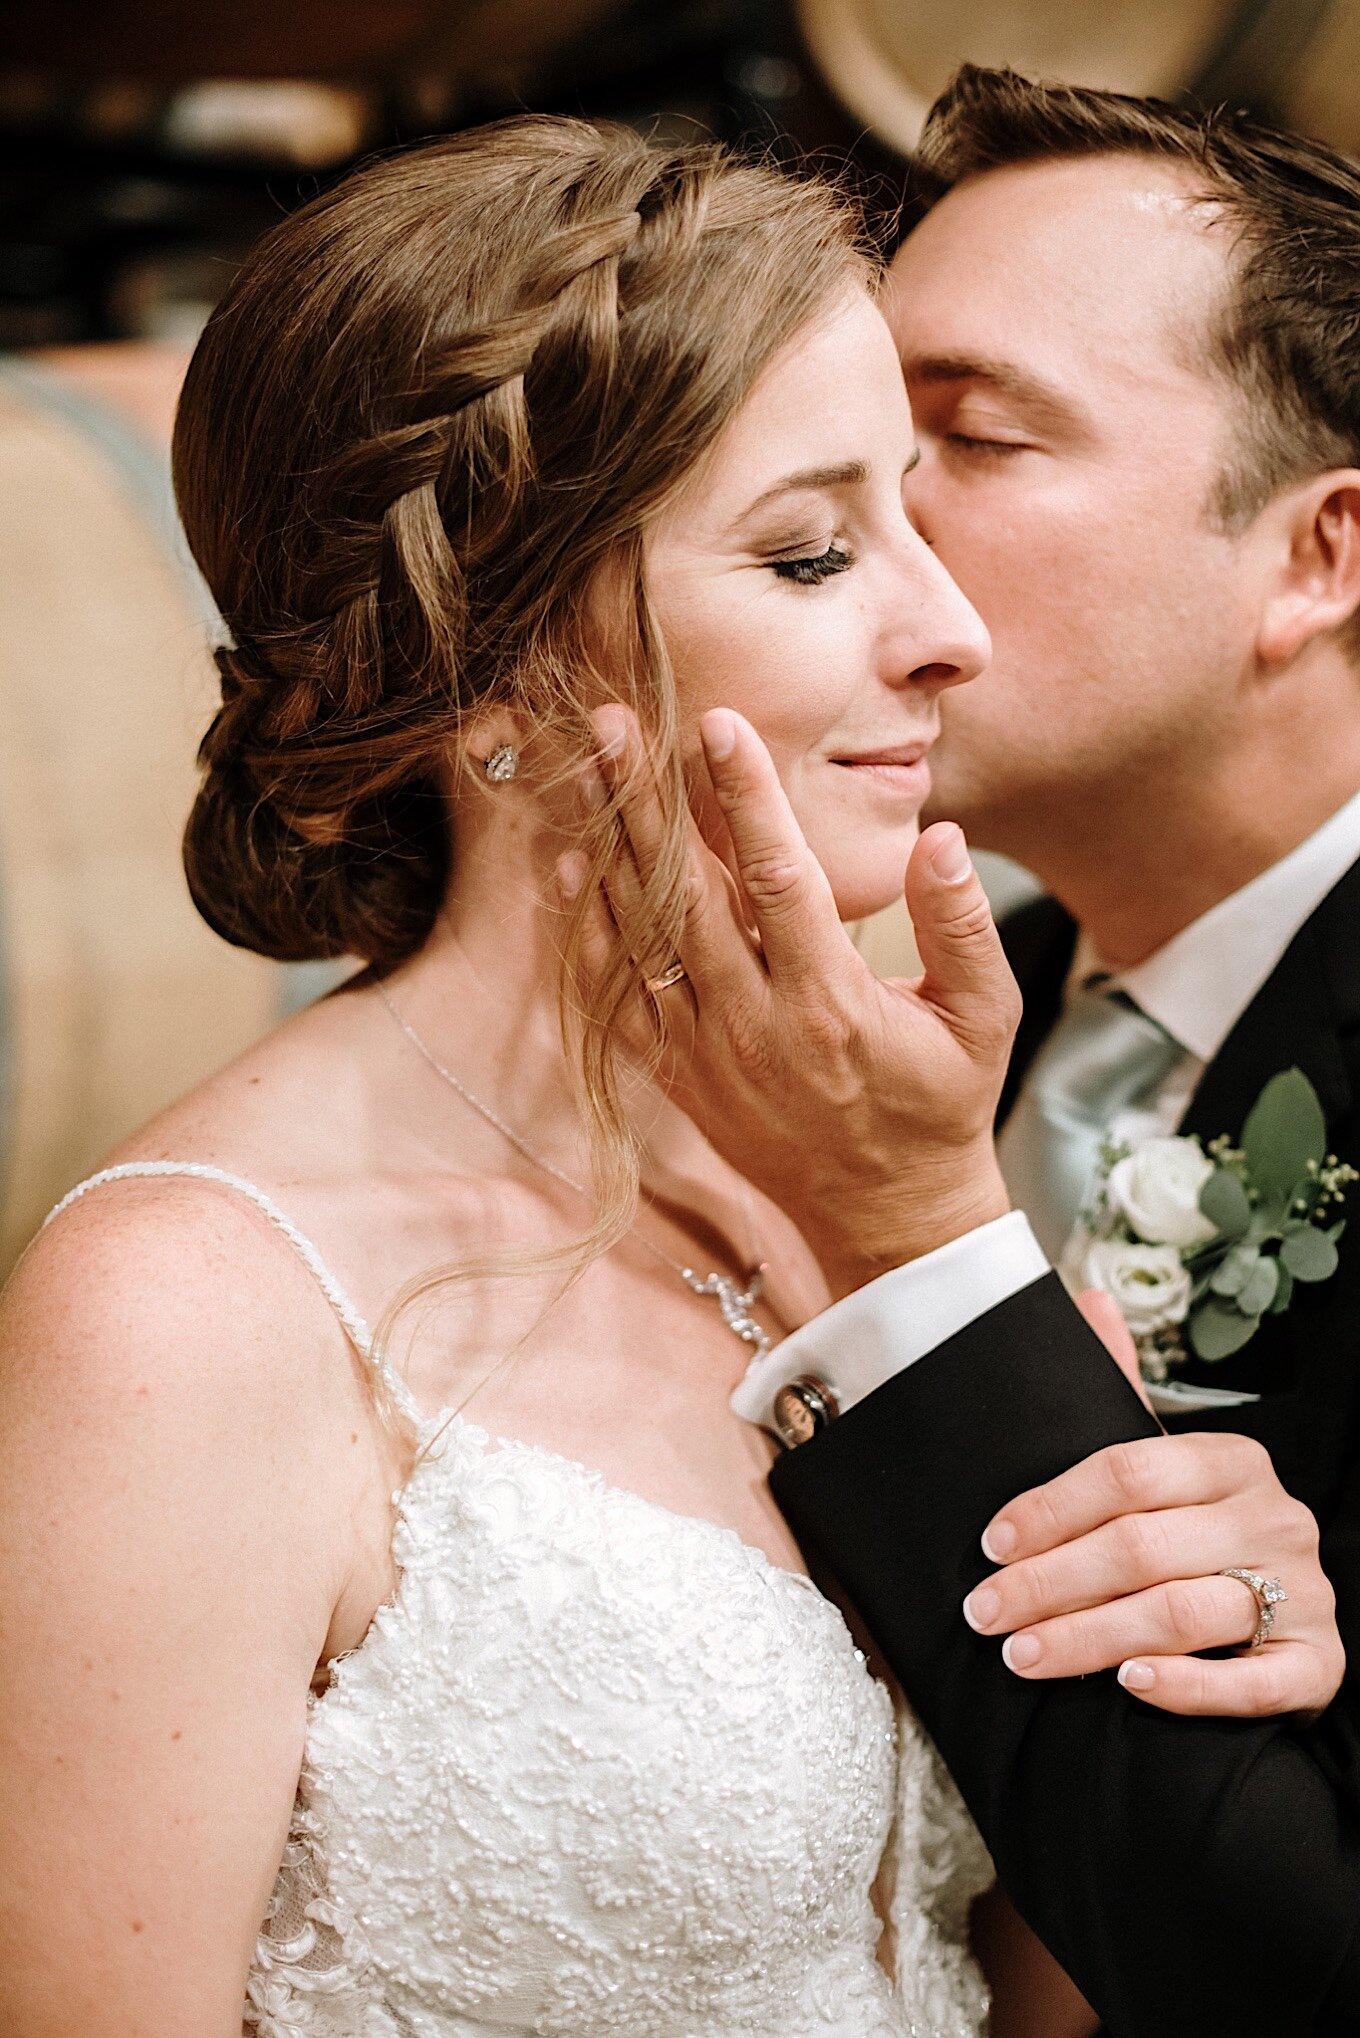 36_schutt-wedding-sneakpeek-45.jpg